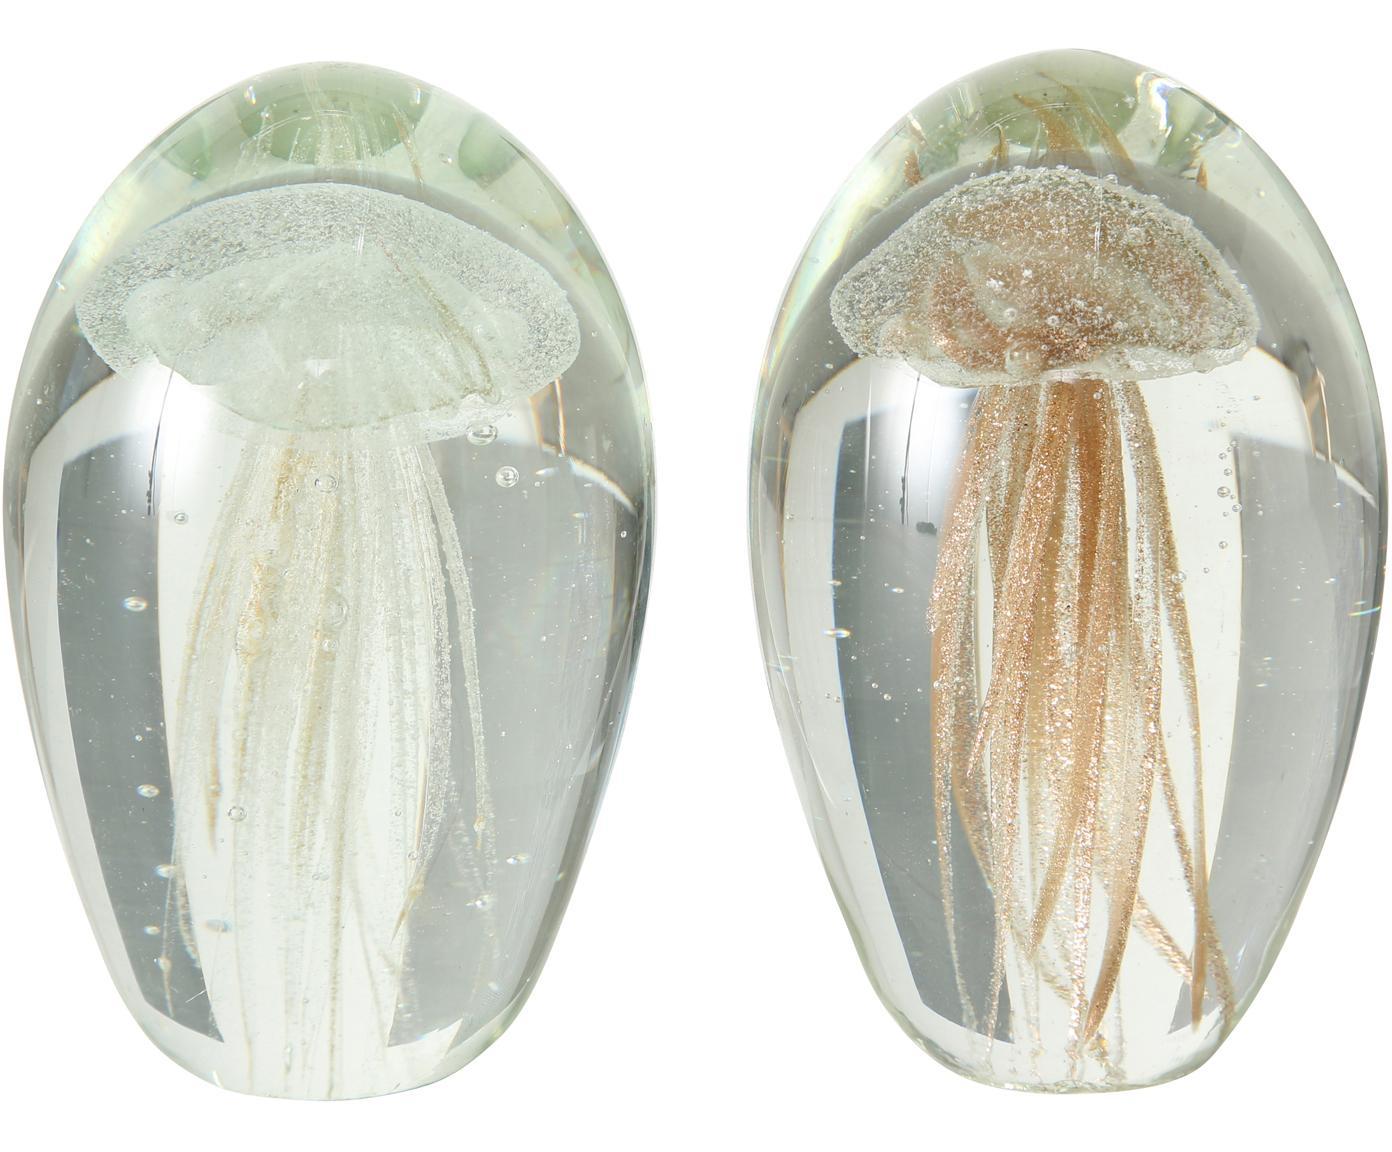 Komplet dekoracji Medusa, 2 elem., Szkło, Transparentny, Ø 7 x W 10 cm